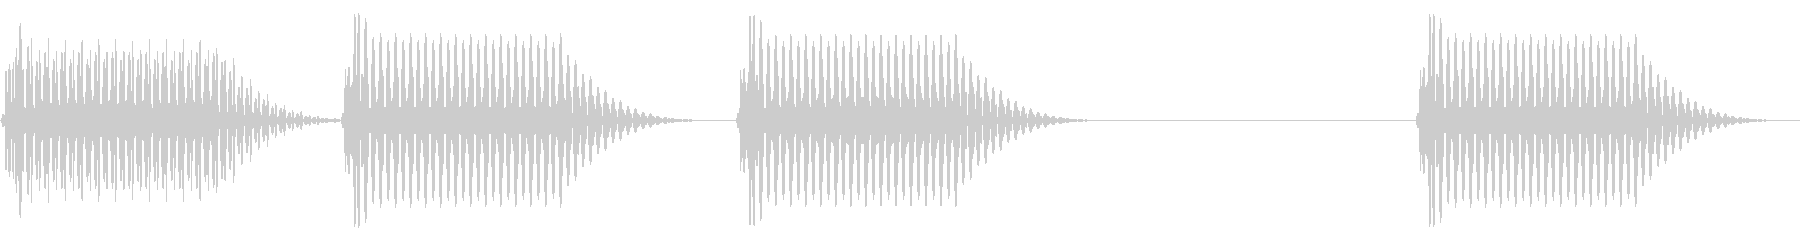 往年のRPG風 セリフ・吹き出し音 7の未再生の波形